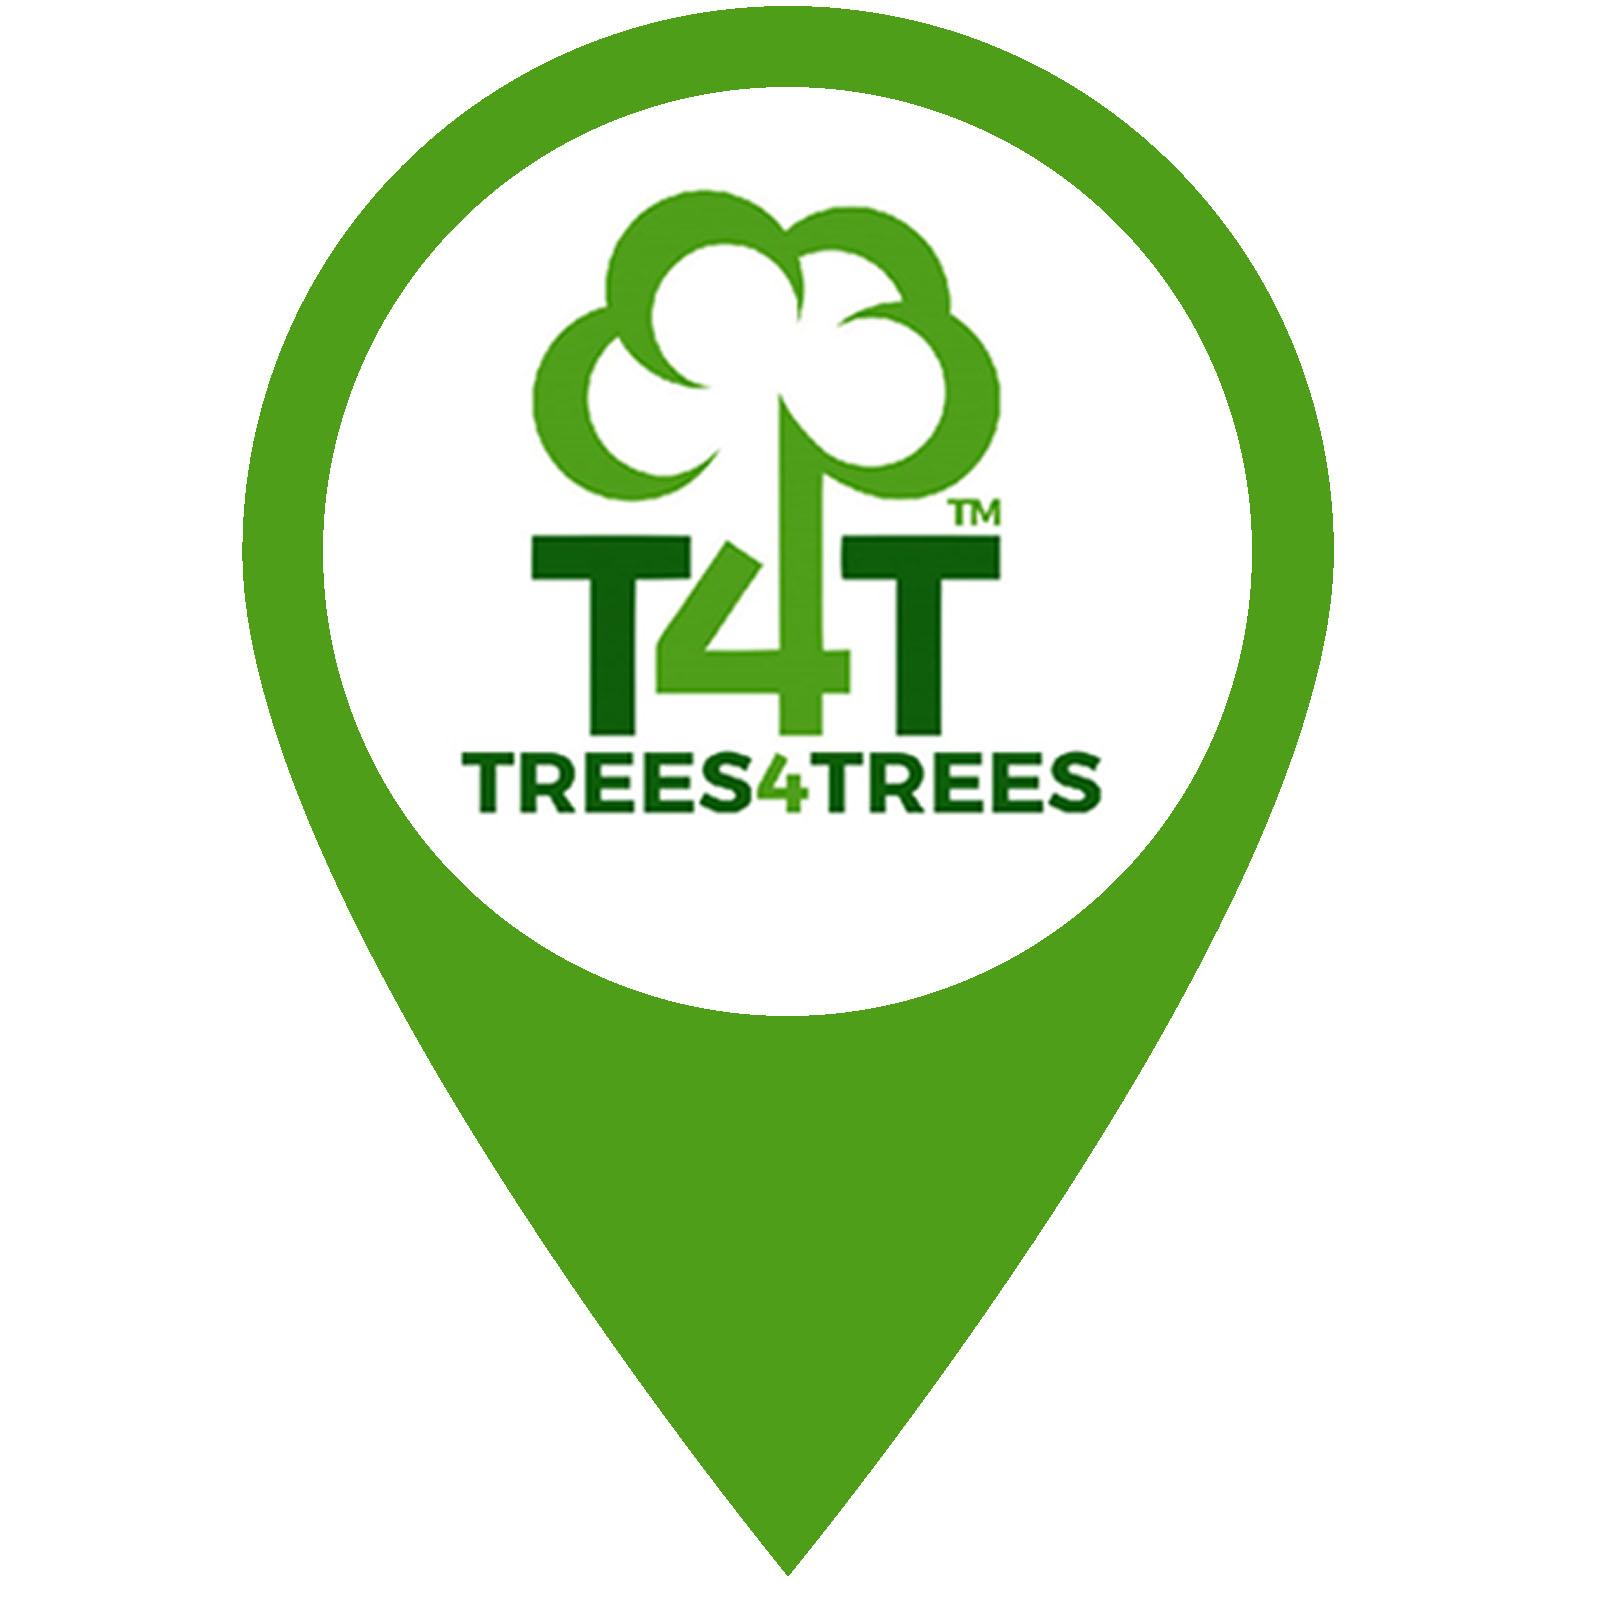 Logo of Tree4Trees